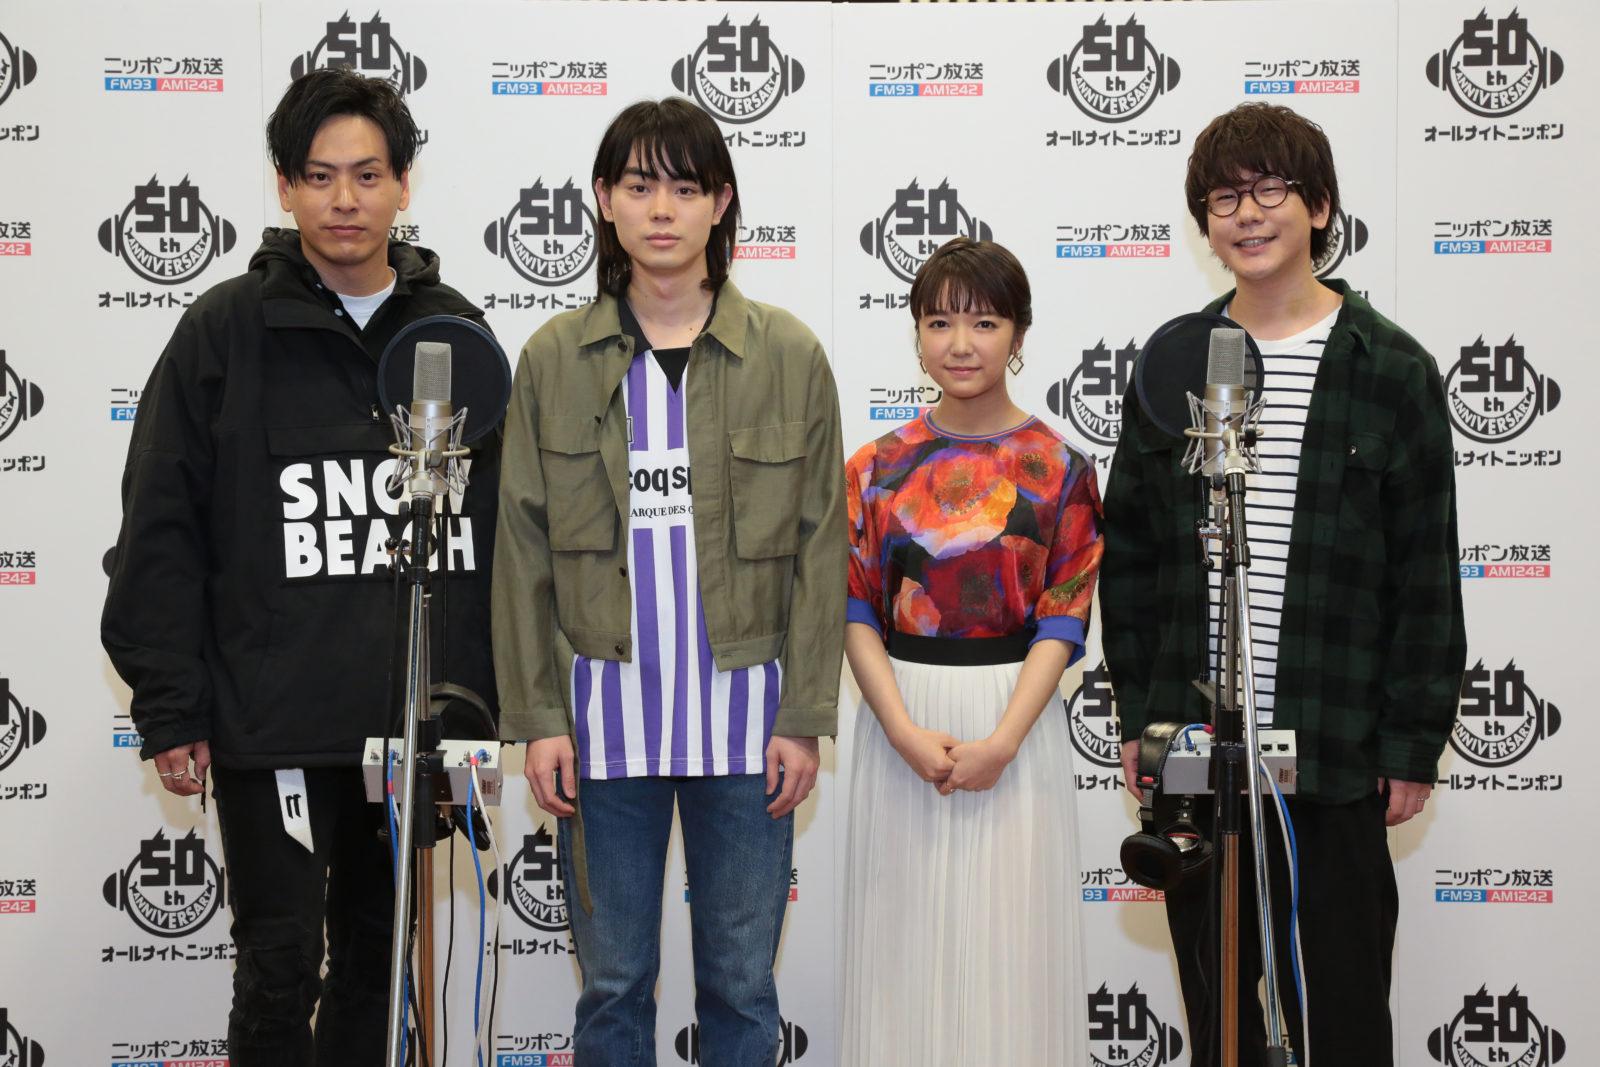 菅田将暉、三代目JSB・山下健二郎がラジオドラマ「明るい夜に出かけて」で共演サムネイル画像